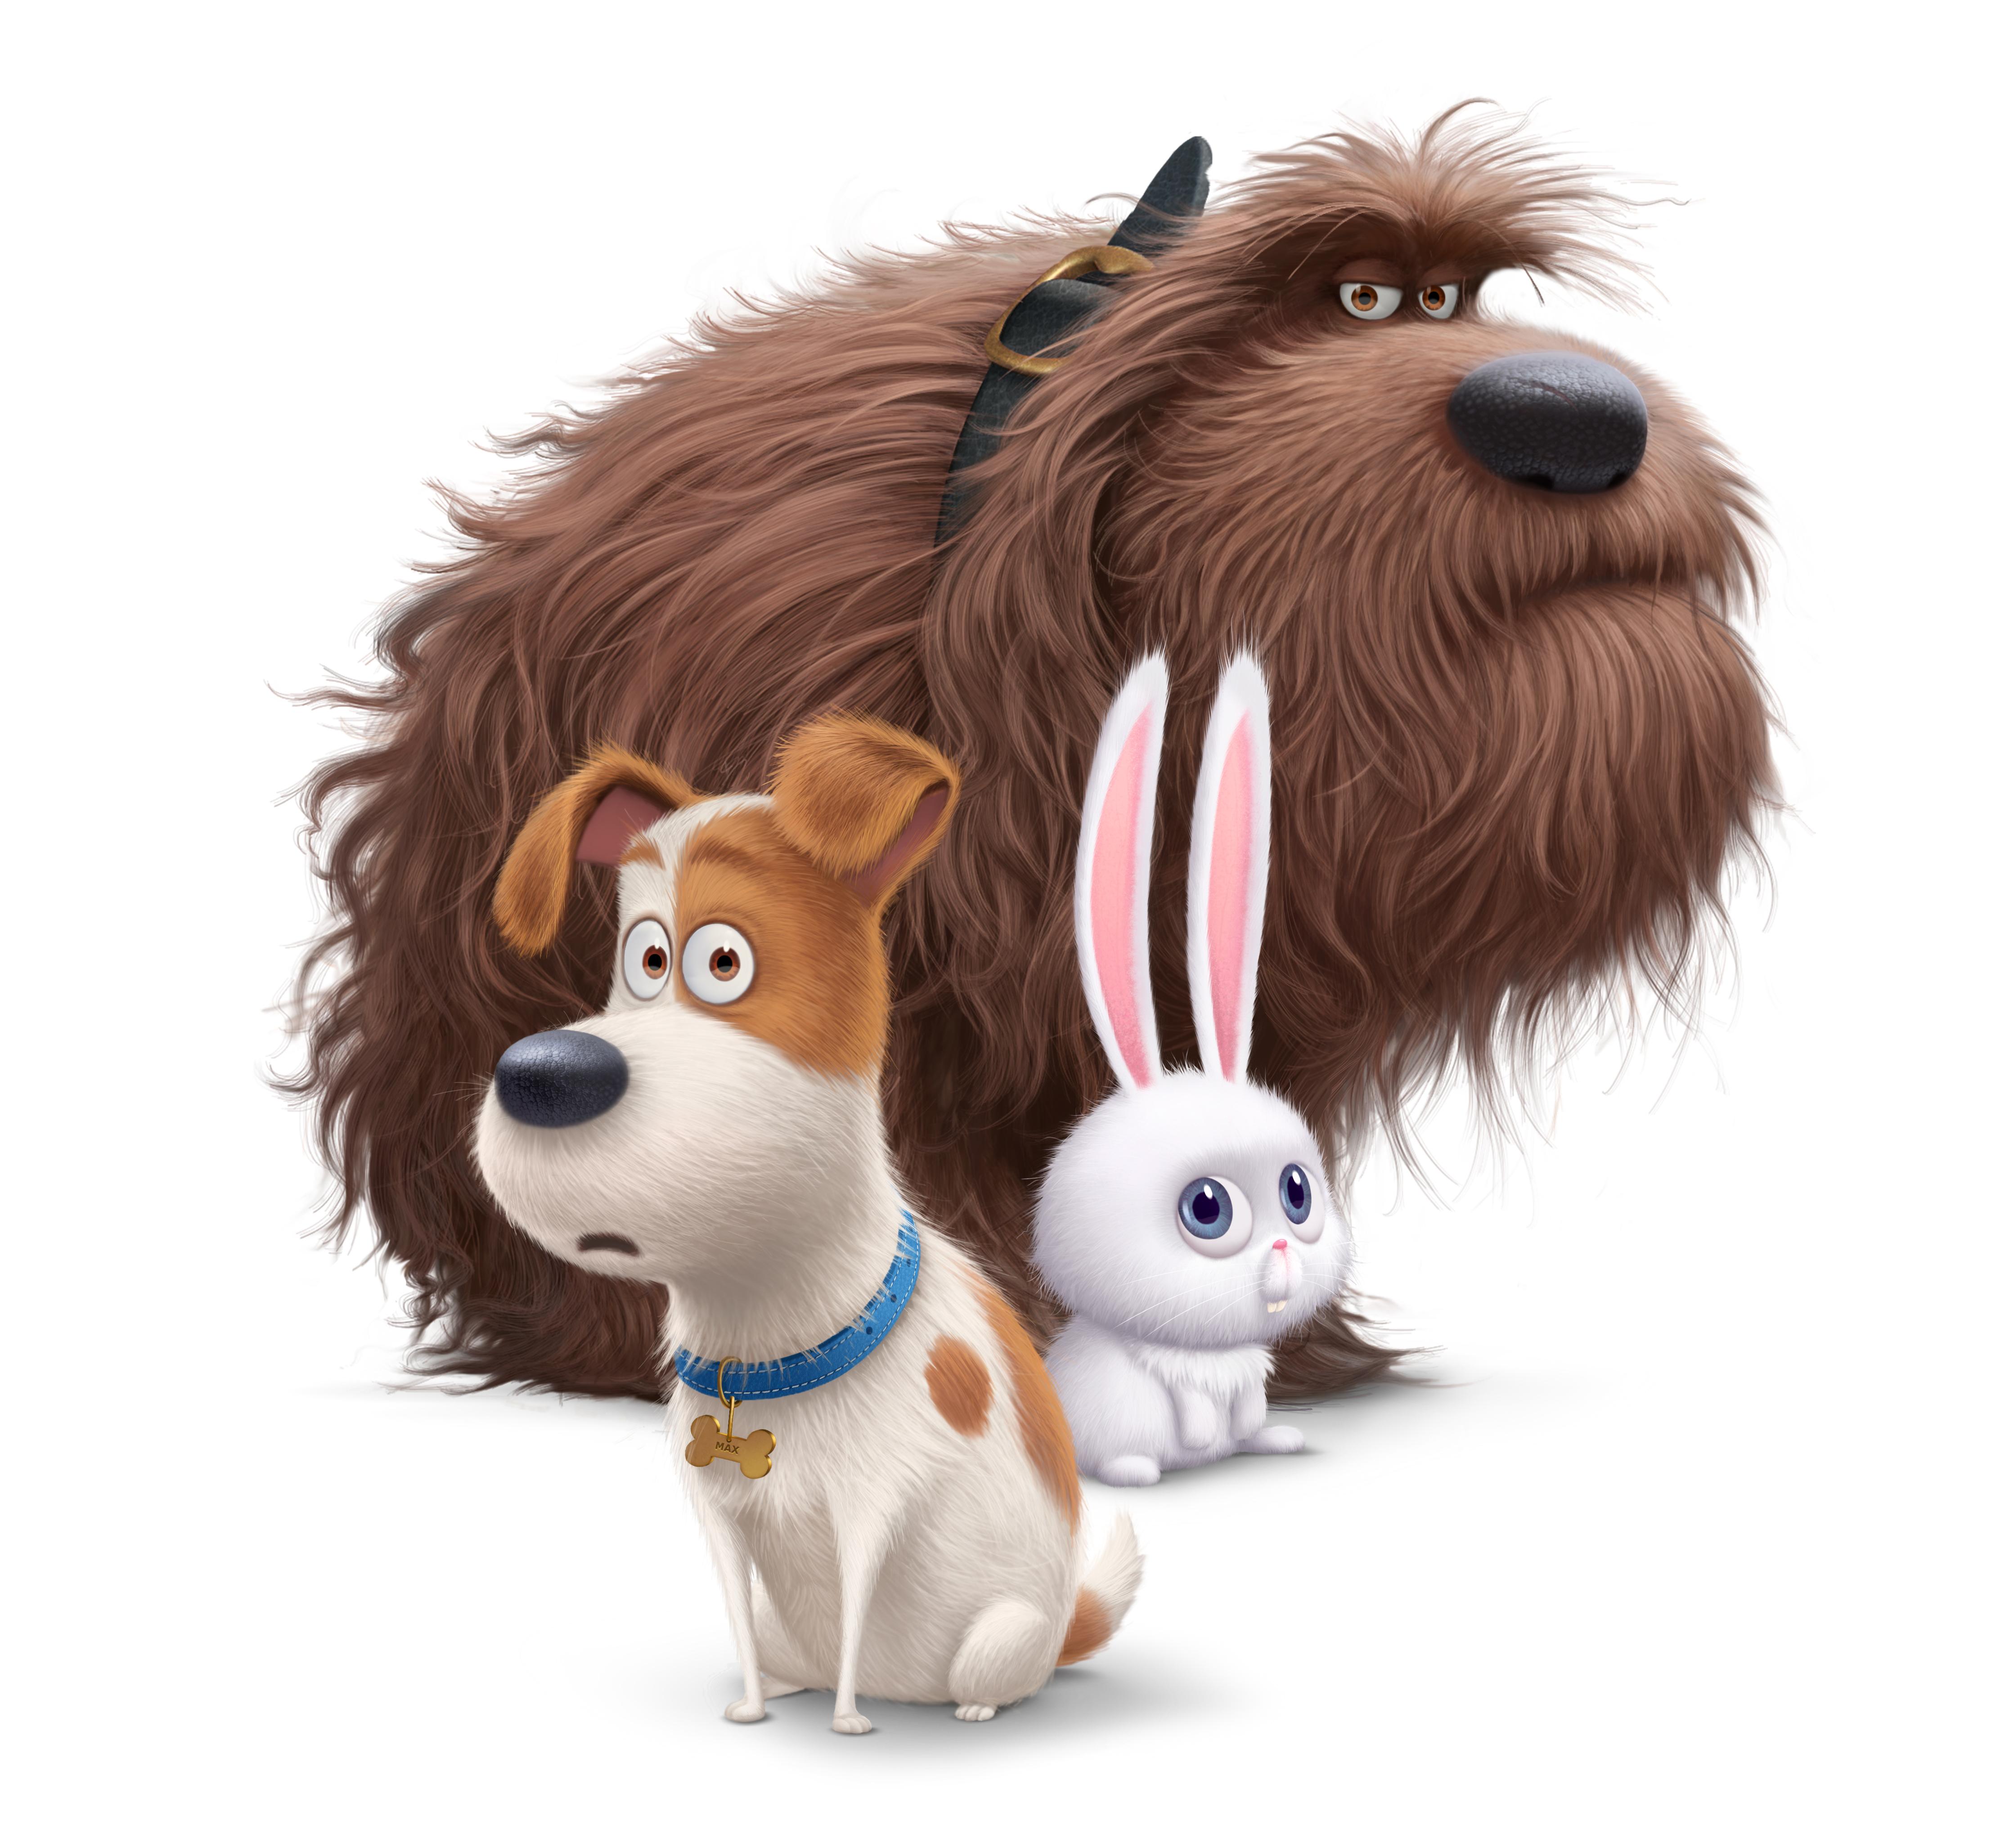 https://images.flickreel.com/wp-content/uploads/2016/06/The-Secret-Life-of-Pets-Teaser-trailer.jpg